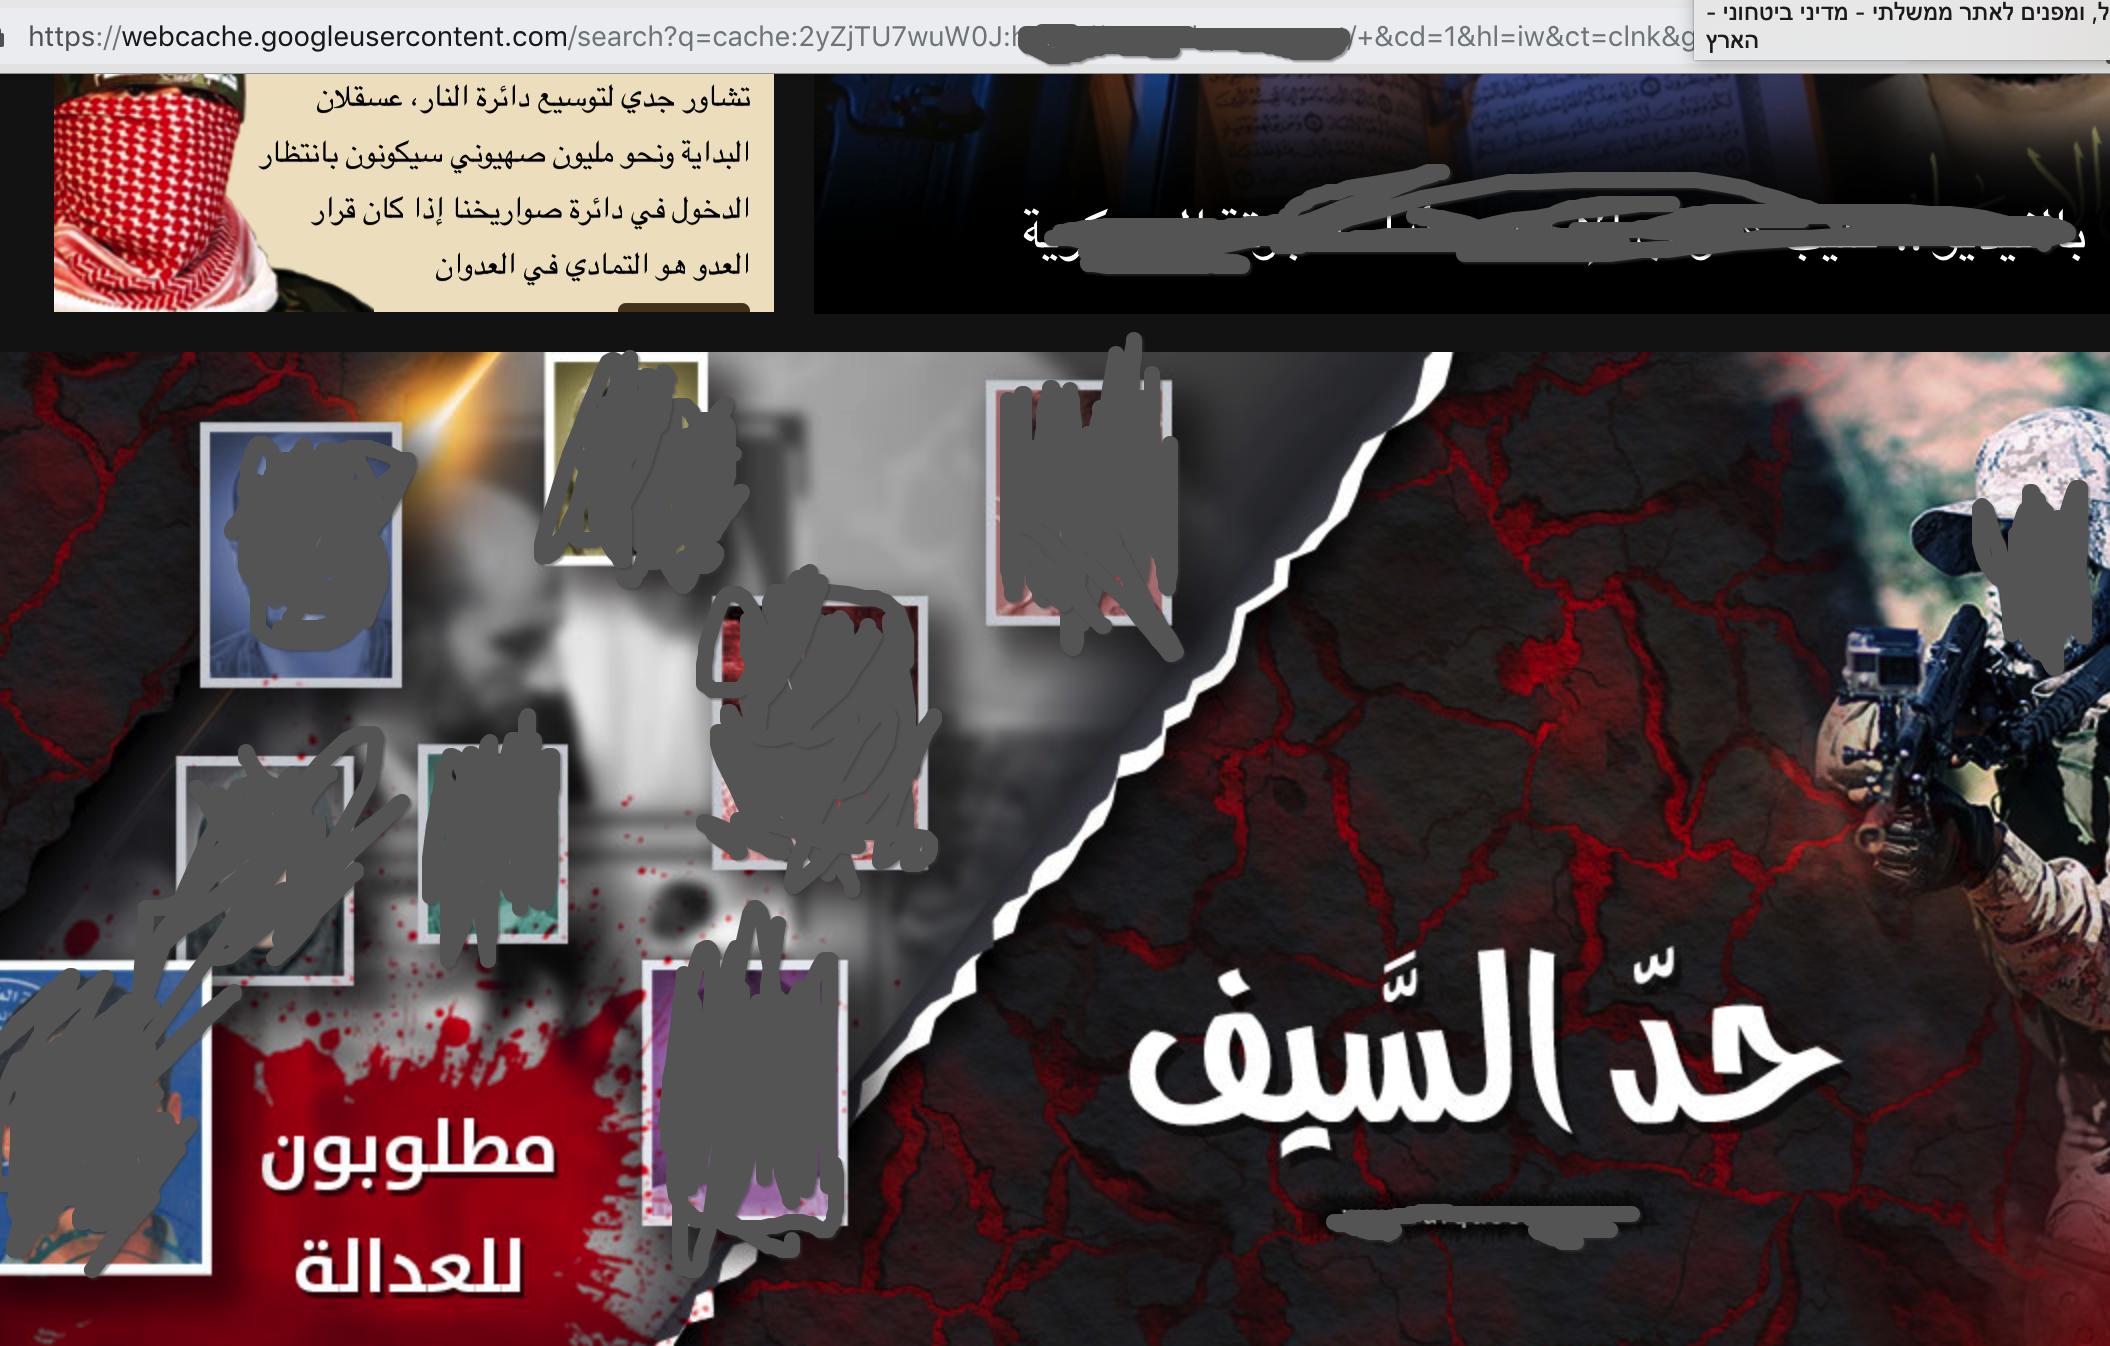 תוצאות של אתר אסור לצפיה על ידי החמאס